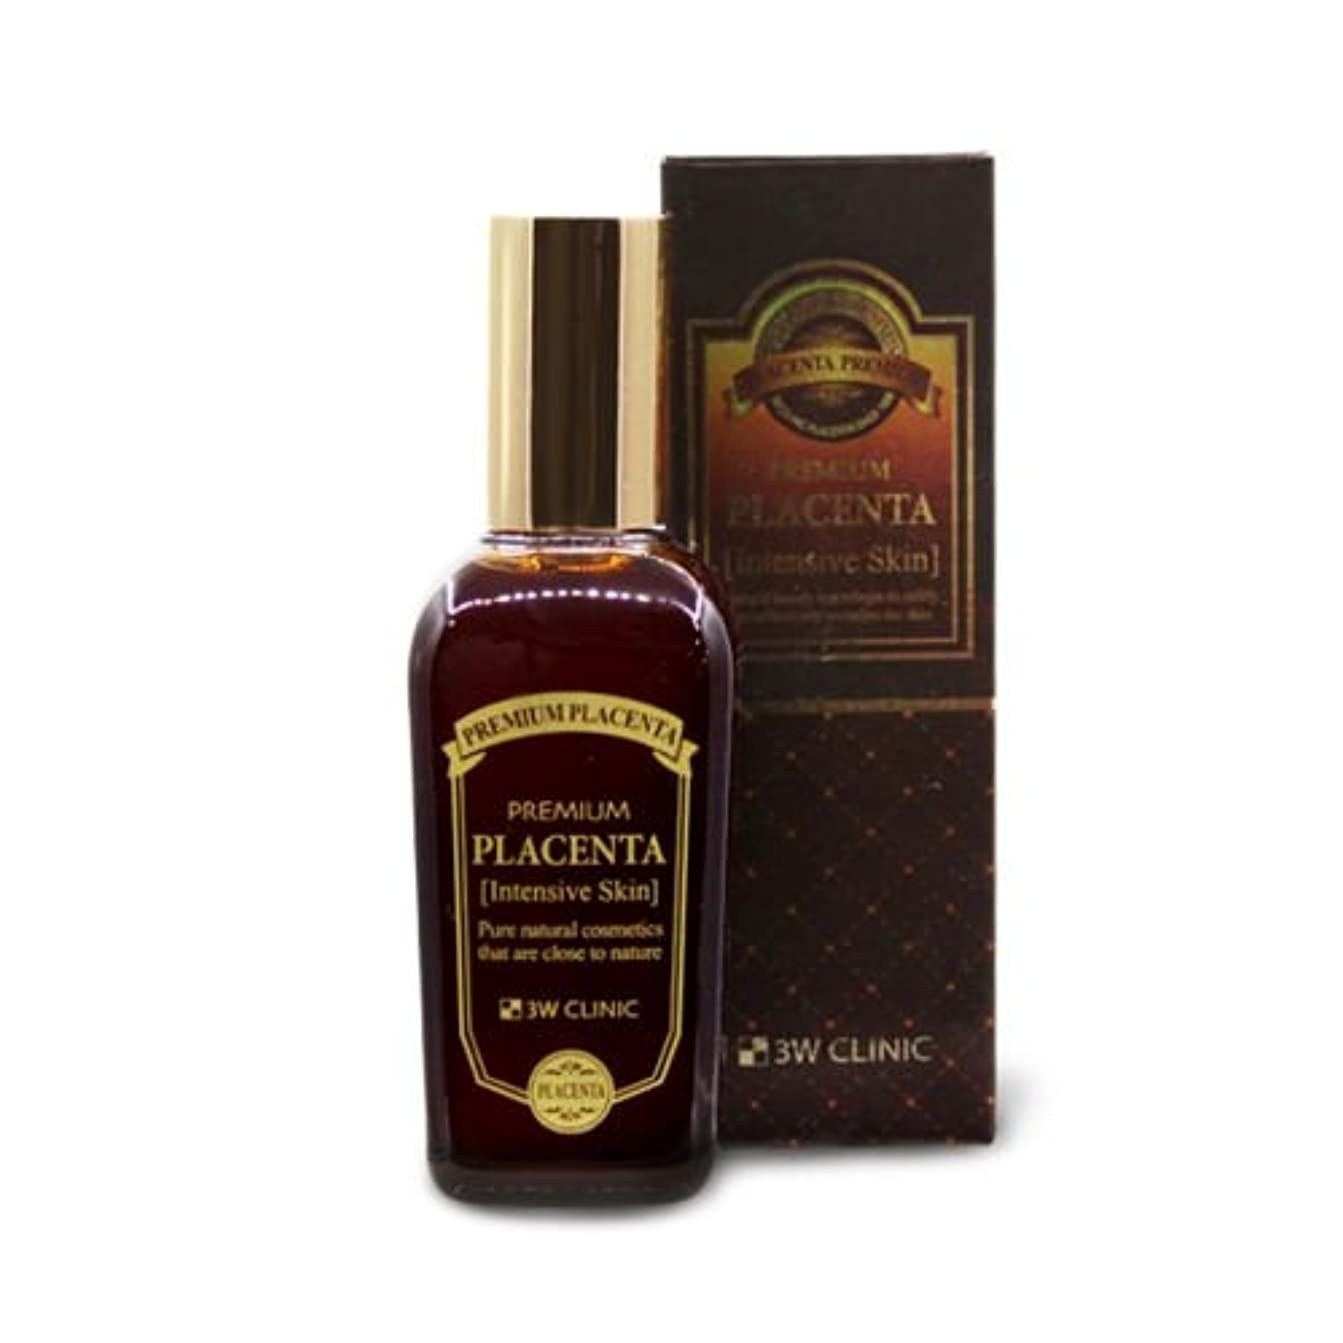 スロベニアダイバー軽減3Wクリニック[韓国コスメ3w Clinic]Premium Placenta Intensive Skin プレミアムプラセンタインテンシブスキン145ml[並行輸入品]